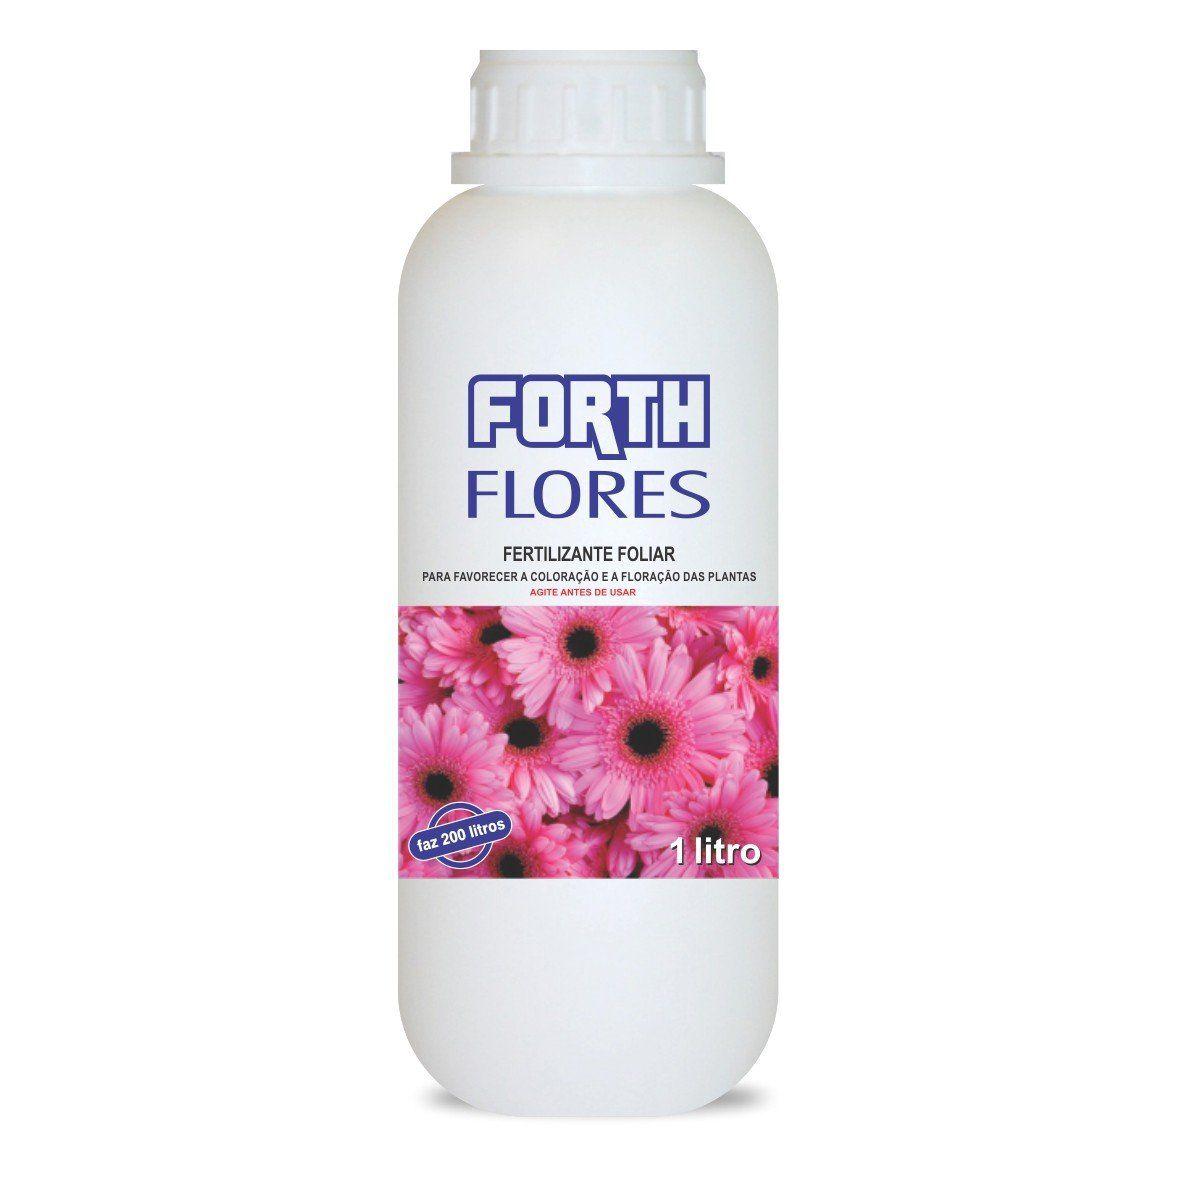 Adubo Fertilizante para Flores - FORTH Flores - 1Litro Faz 200 Litros